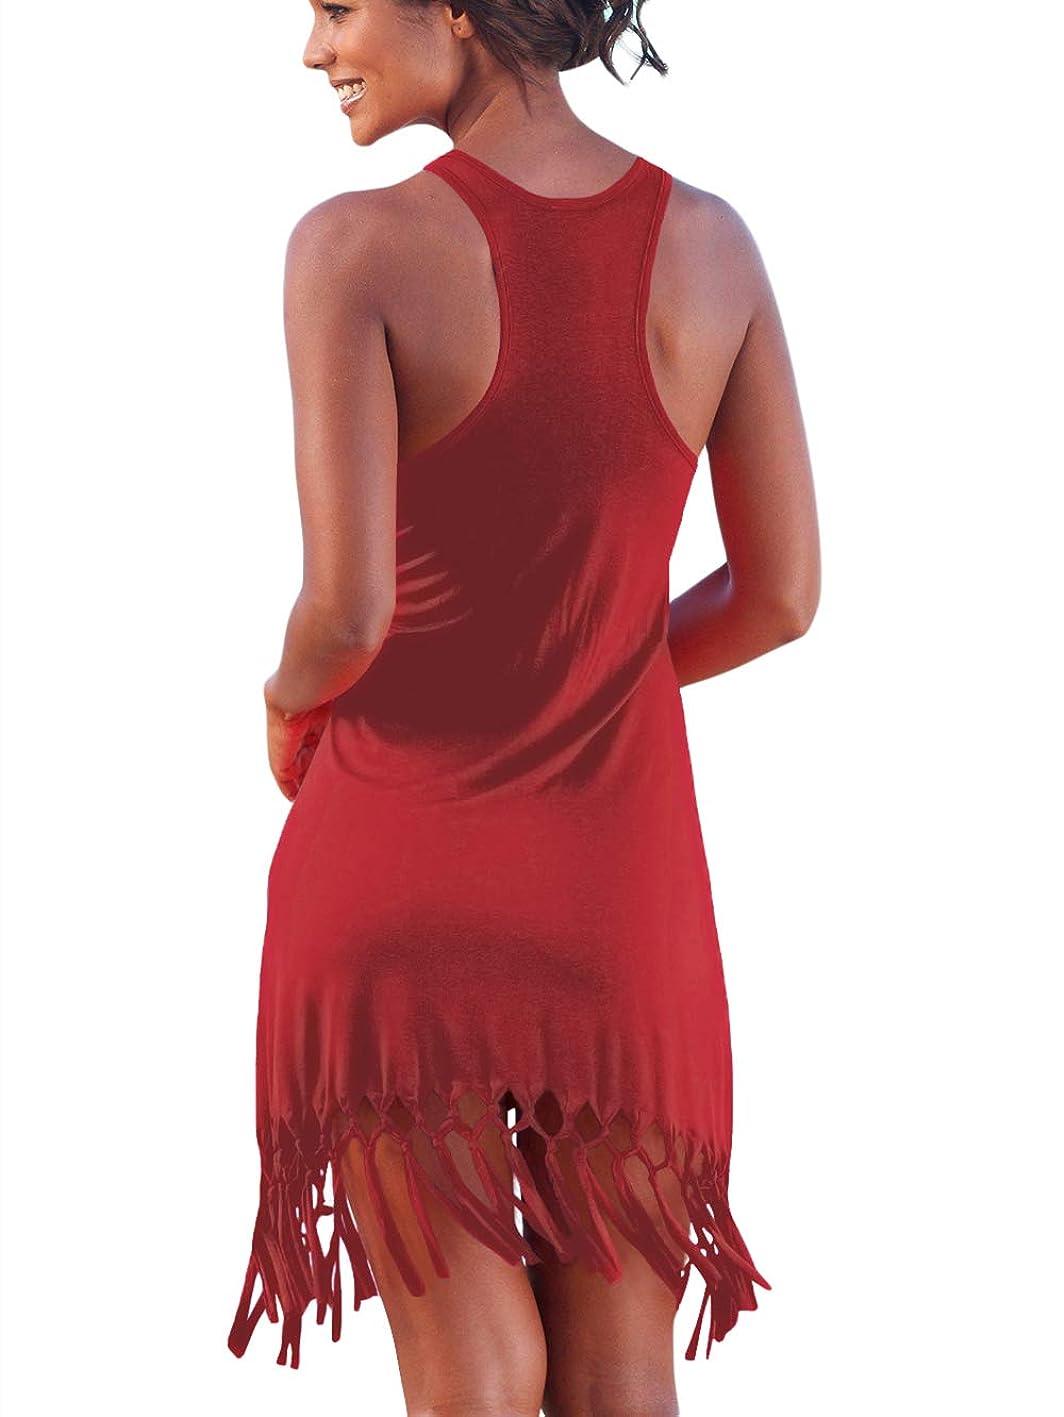 BINLIANG Women Sexy Casual Racerback Summer Flowy Dress S-XL dcpbptymmjb810